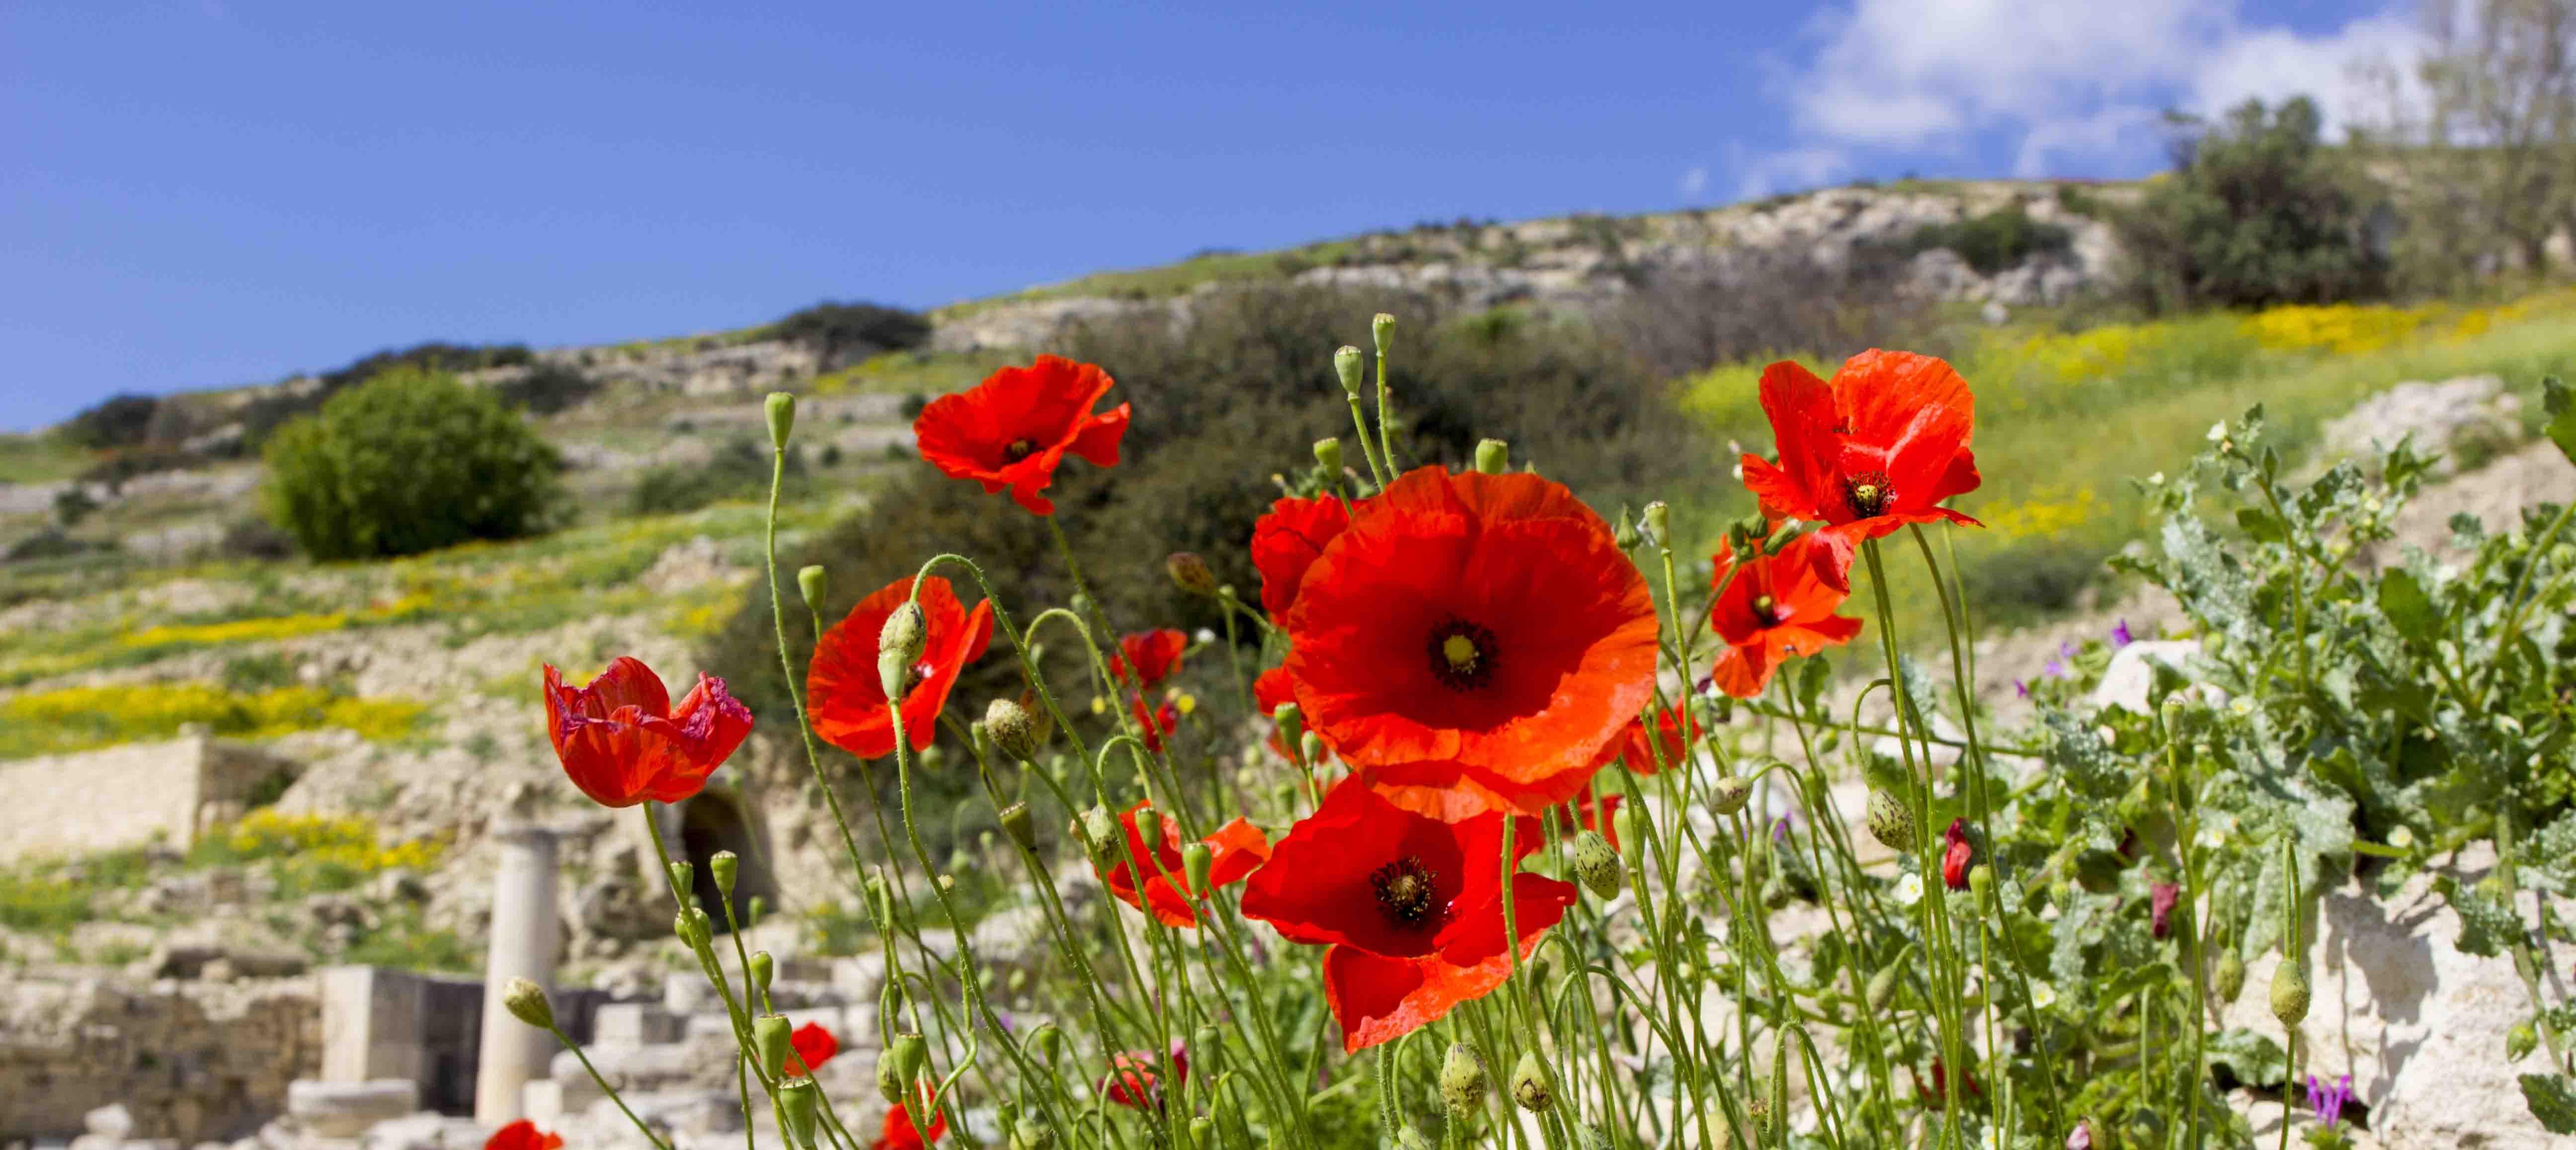 Rigt planteliv på Cypern i Middelhavet